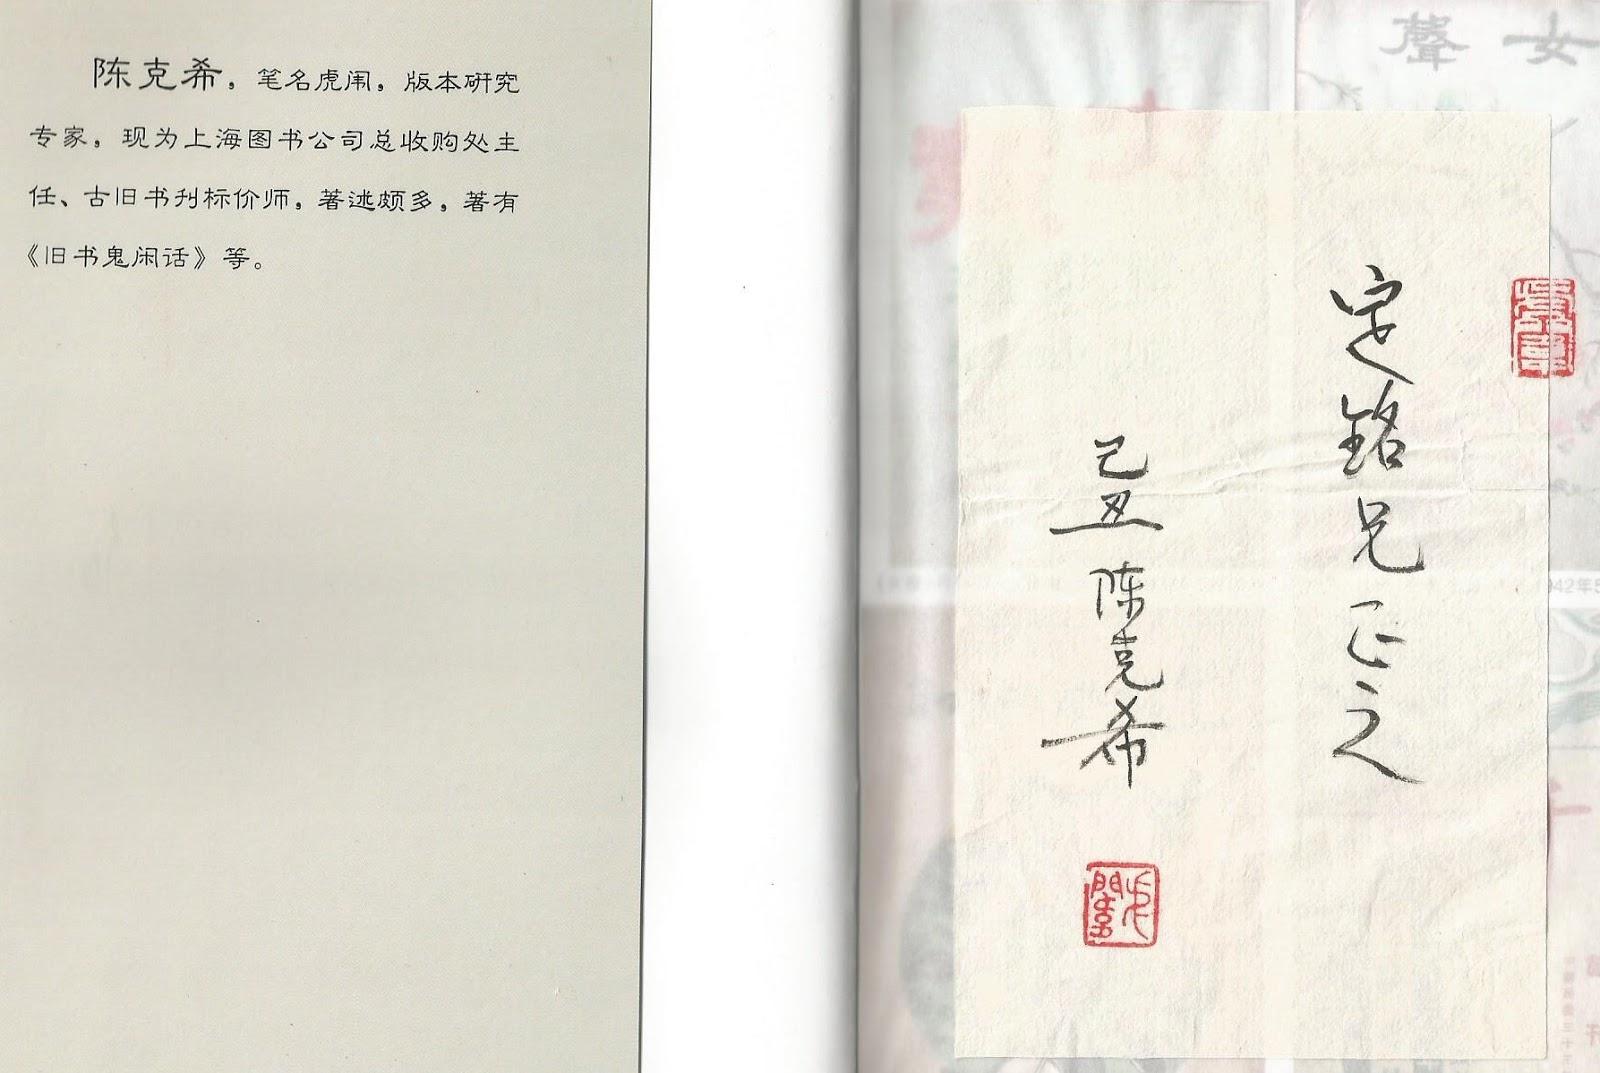 許定銘文集 | 頁面 2